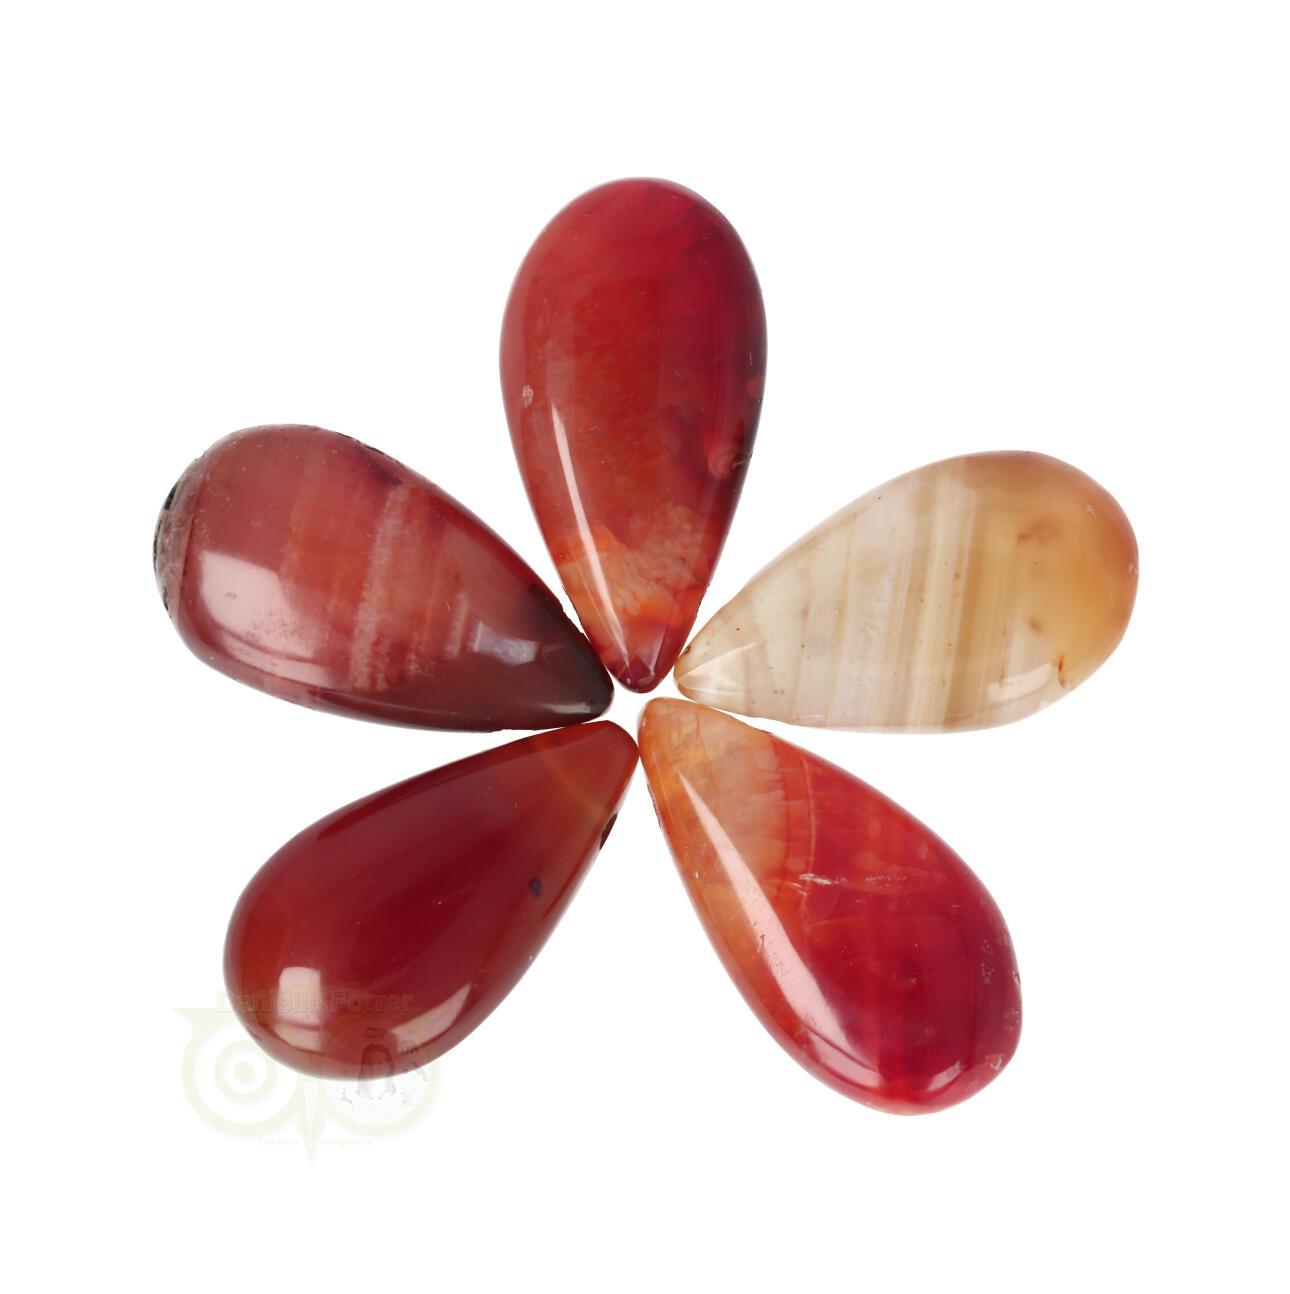 Carneool edelsteen hangers | Druppel hanger Carneool | Edelstenen Webwinkel - Webshop Danielle Forrer